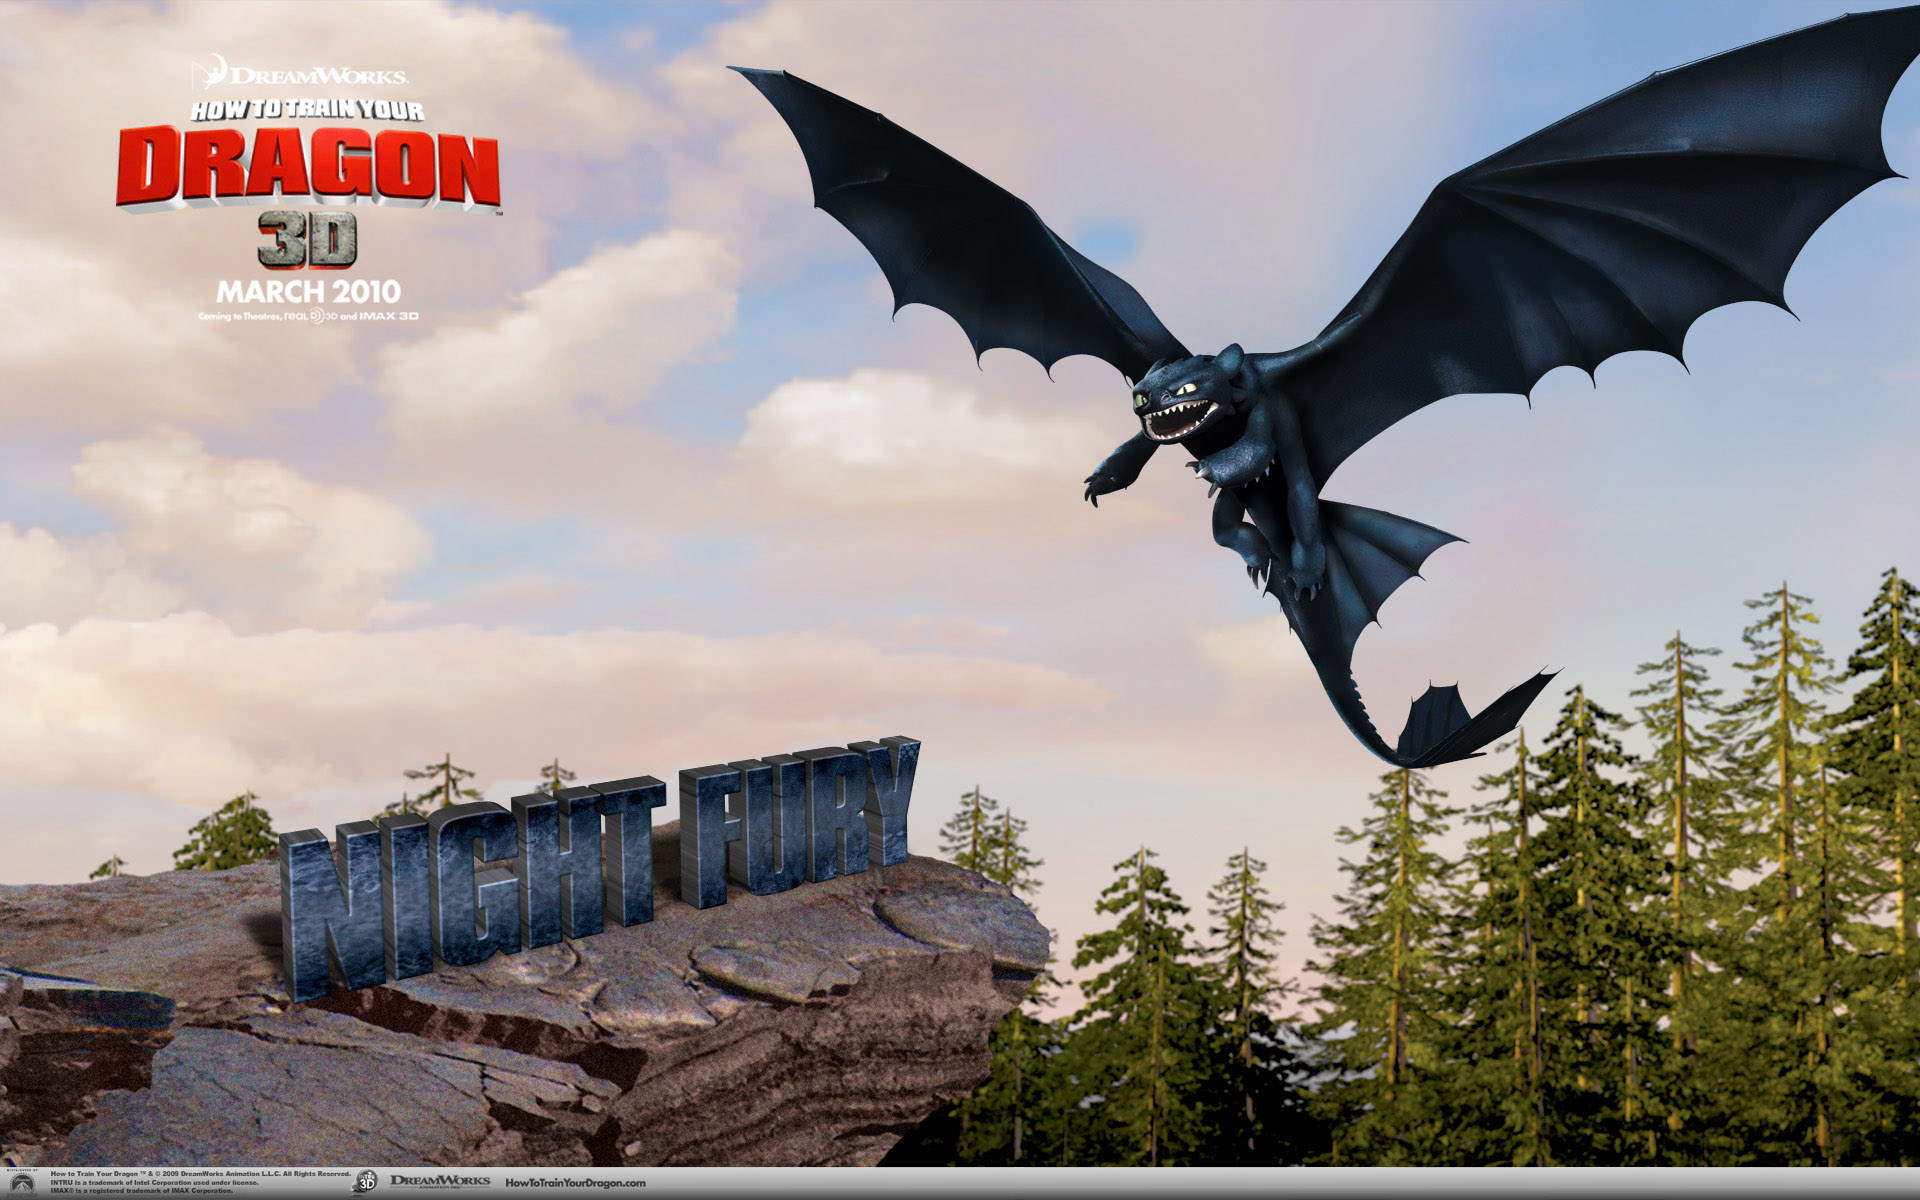 驯龙高手 电影桌面壁纸图片